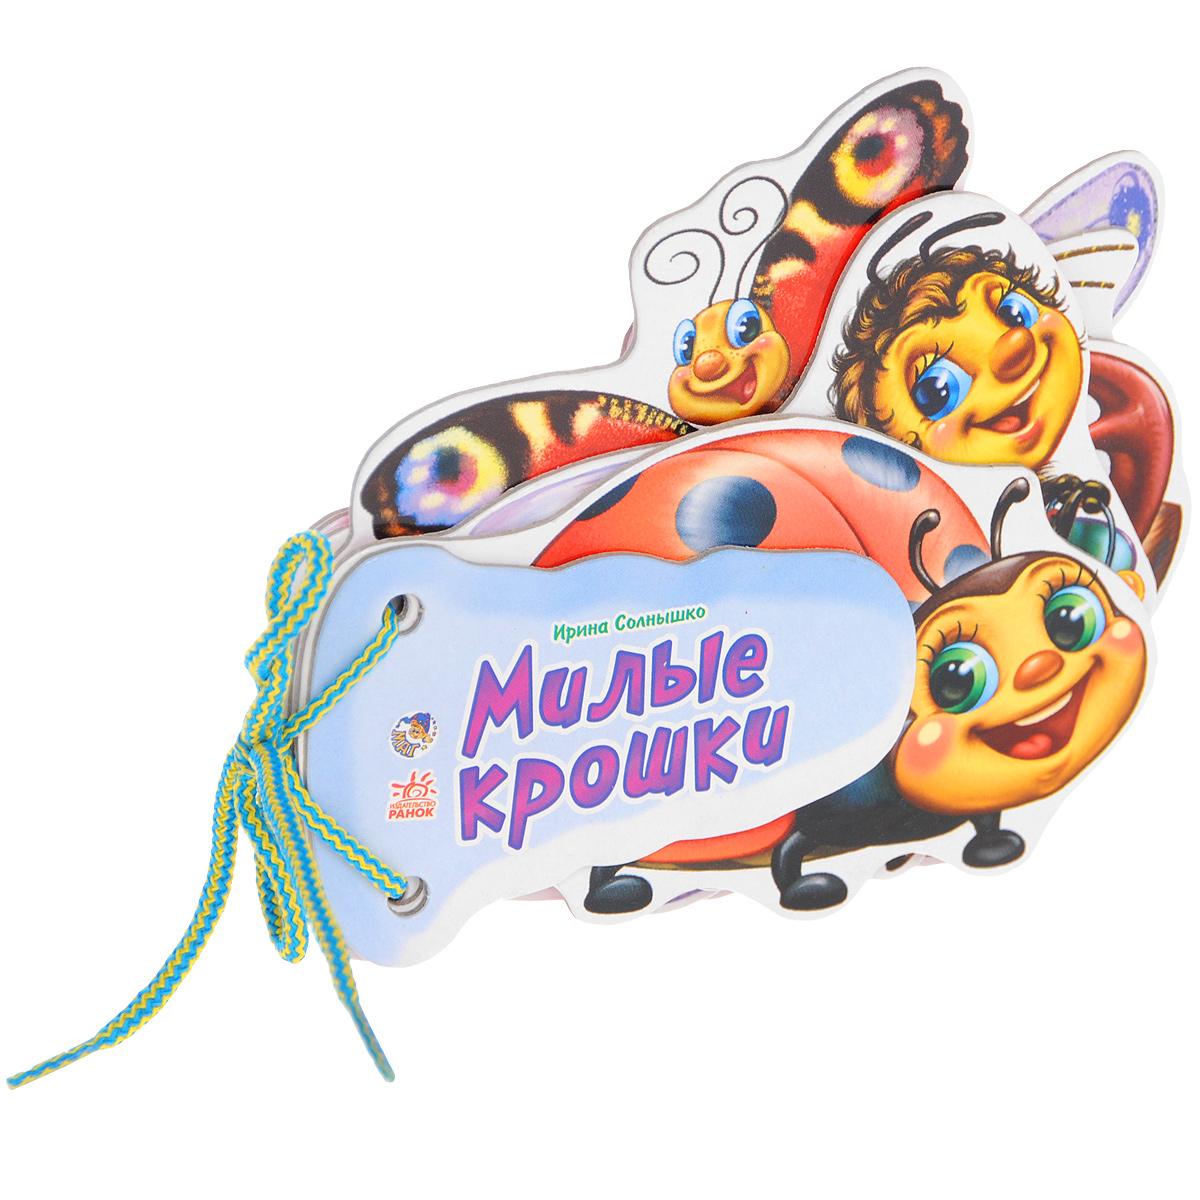 Милые крошки. Книжка-игрушка12296407Прекрасная книжка-игрушка с яркими красочными иллюстрациями из плотного картона. Странички соединены прочным шнурком. В игровой форме ребенок познакомится с различными насекомыми и жучками, описанными в виде загадок в этой книжке. Укрепит мелкую мускулатуру пальцев, разовьет свое воображение, внимание и пополнит словарный запас. Для детей младшего дошкольного возраста. Для чтения взрослыми детям. Книжка с вырубкой.